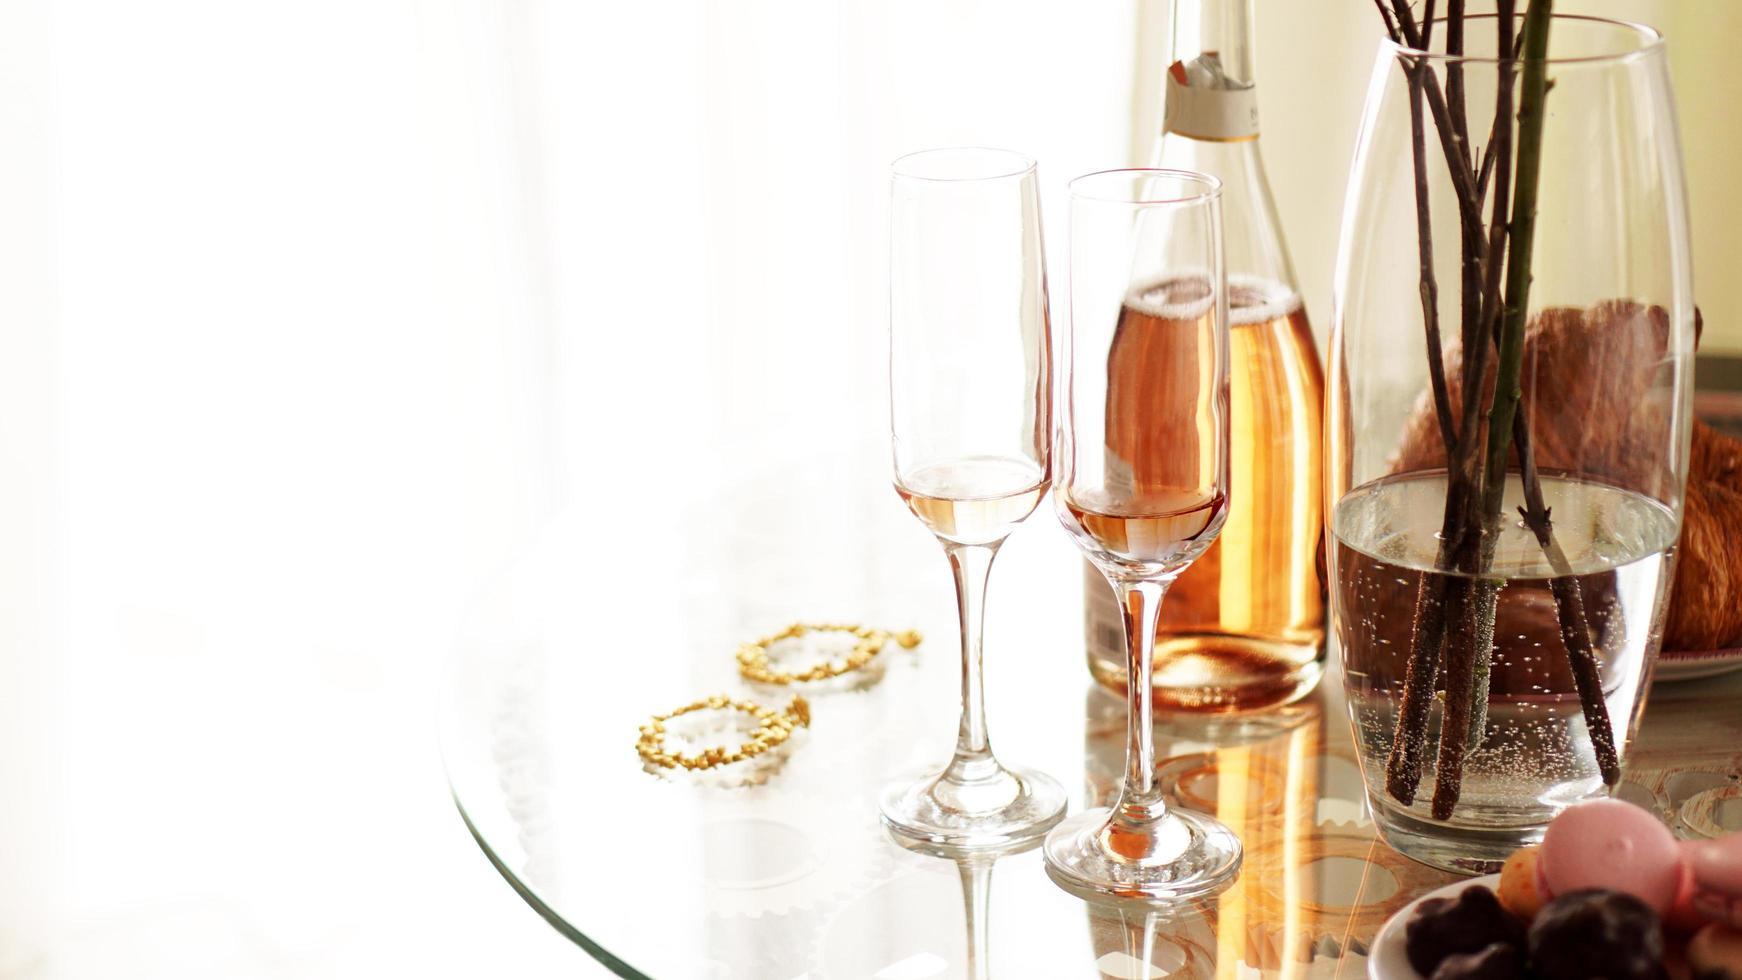 glazen tafel op een lichte achtergrond. twee glazen en een fles foto